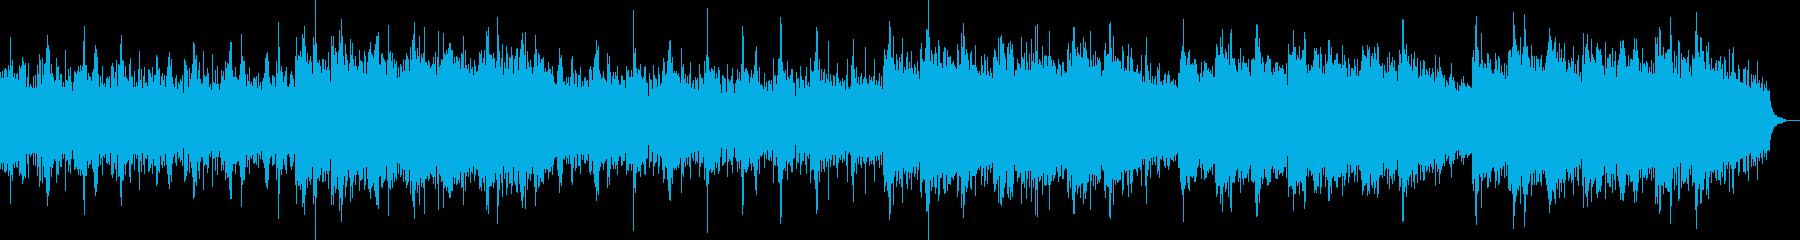 キレイな旋律のリラクゼーション曲の再生済みの波形